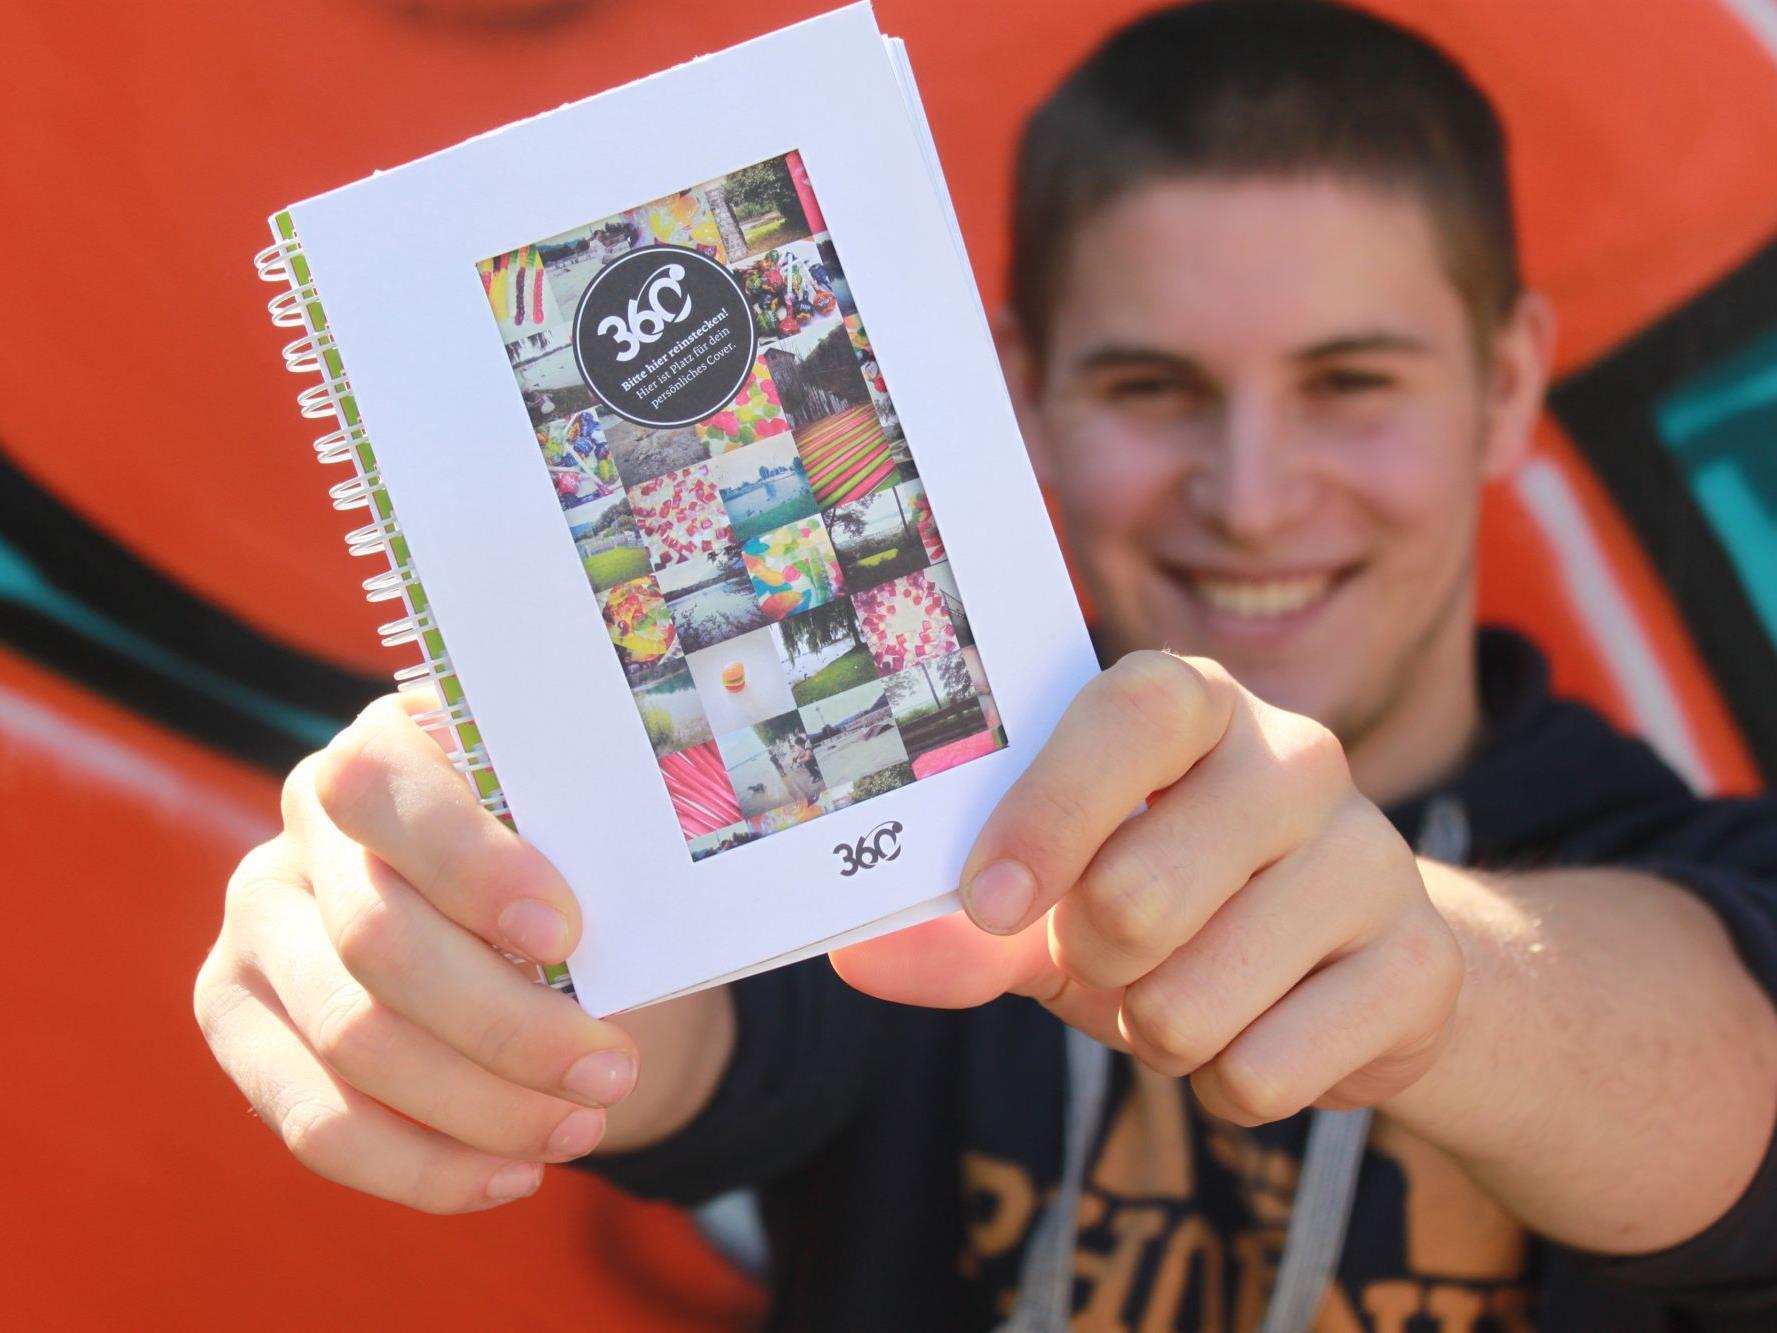 Am 360-Stand auf der Herbstmesse gibt's neben coolen Aktionen auch den aktuellen 360-Kalender.